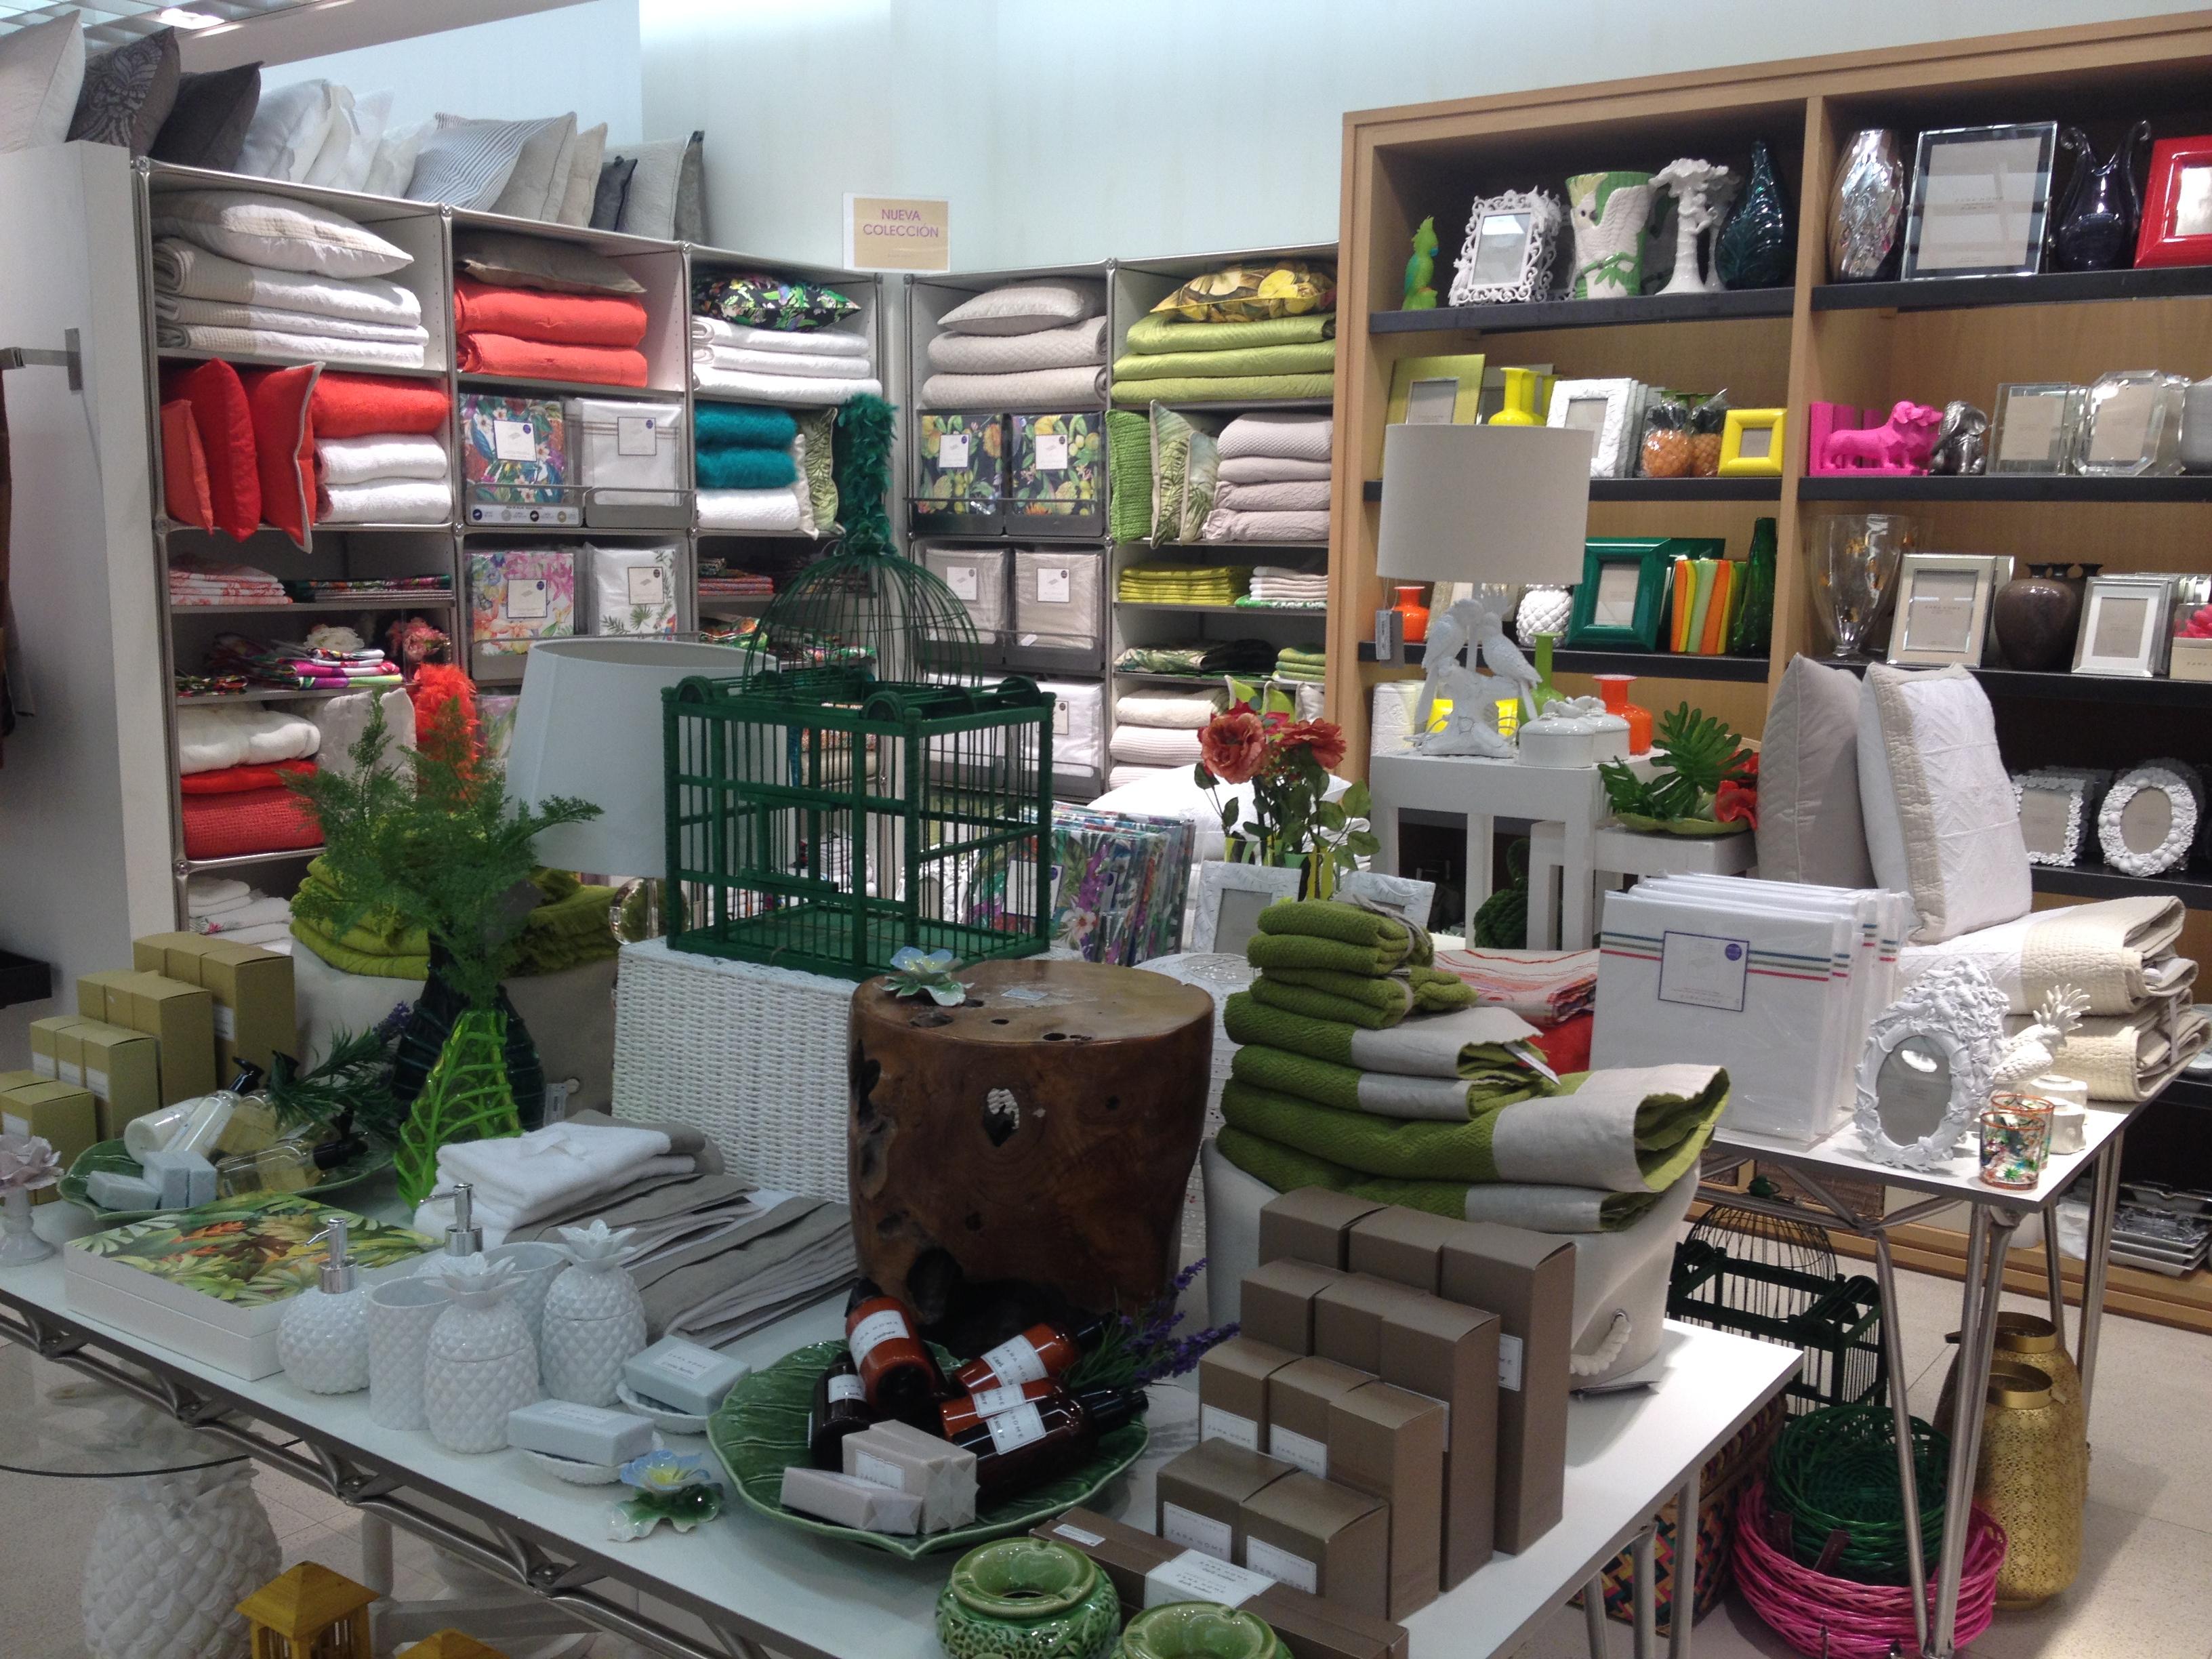 Tendencias en textil hogar para primavera verano 2014 de - Zara home decoracion hogar ...